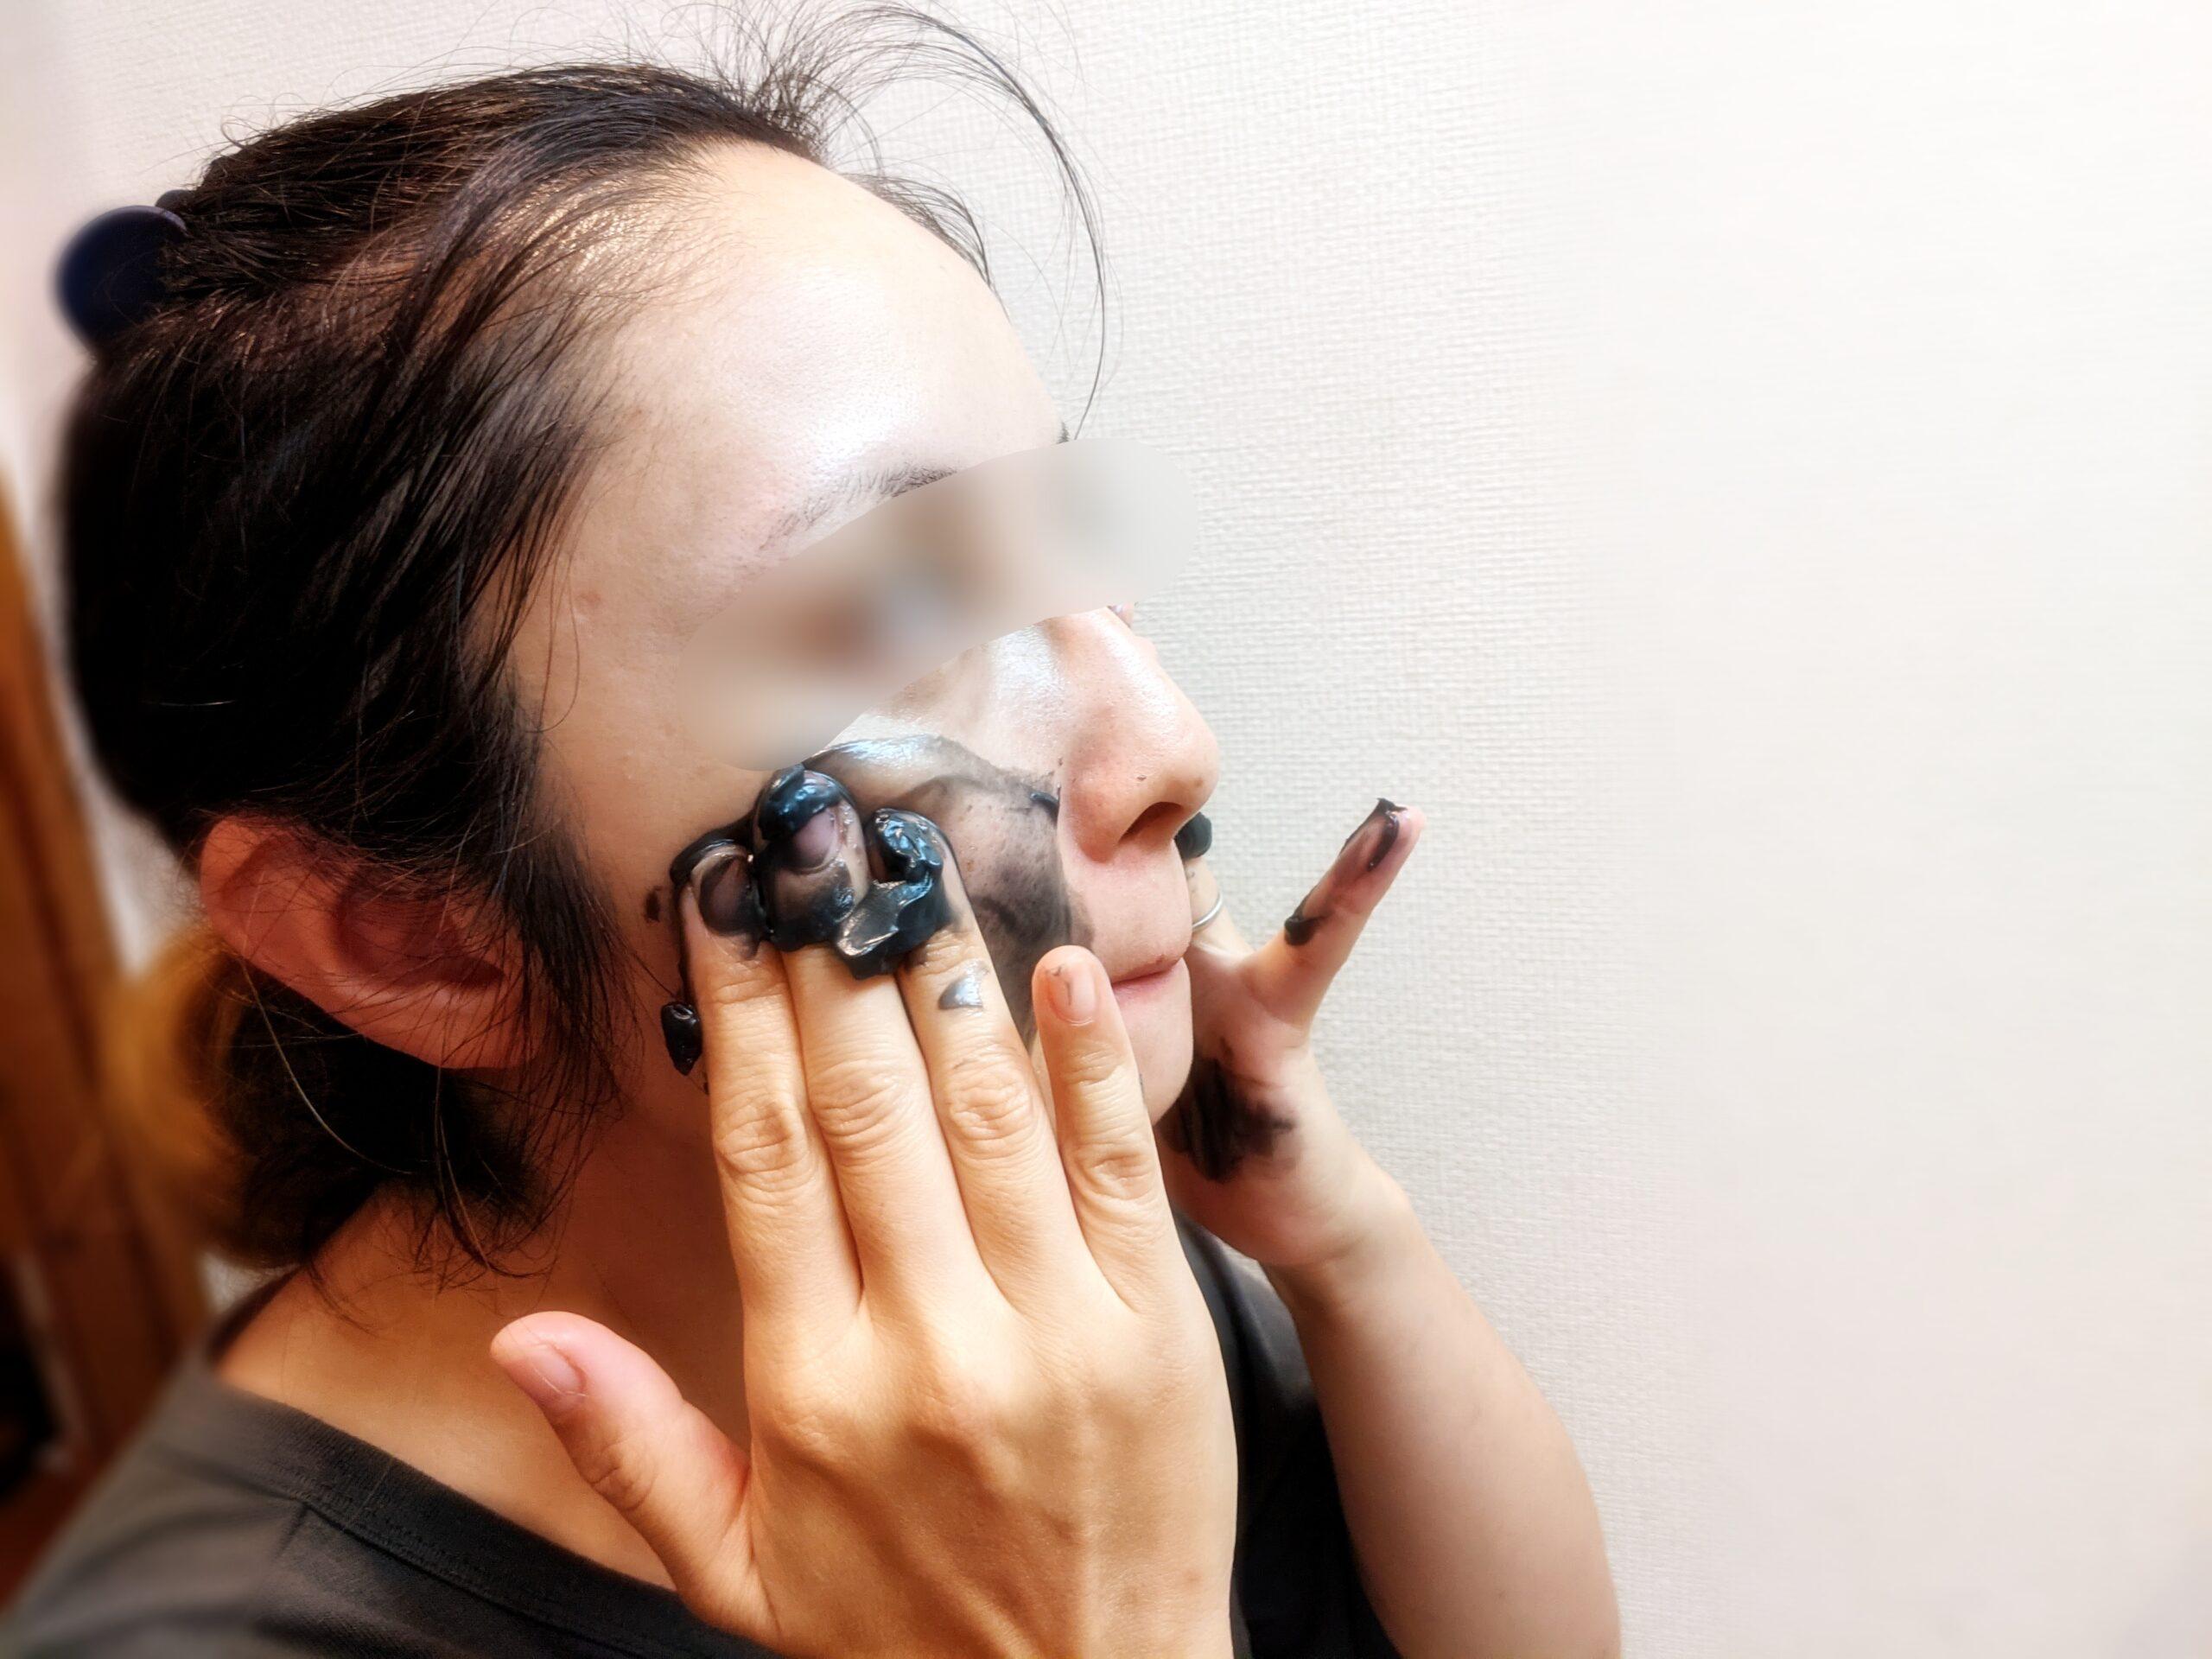 いちご鼻にDUOの使い方②顔に馴染ませる